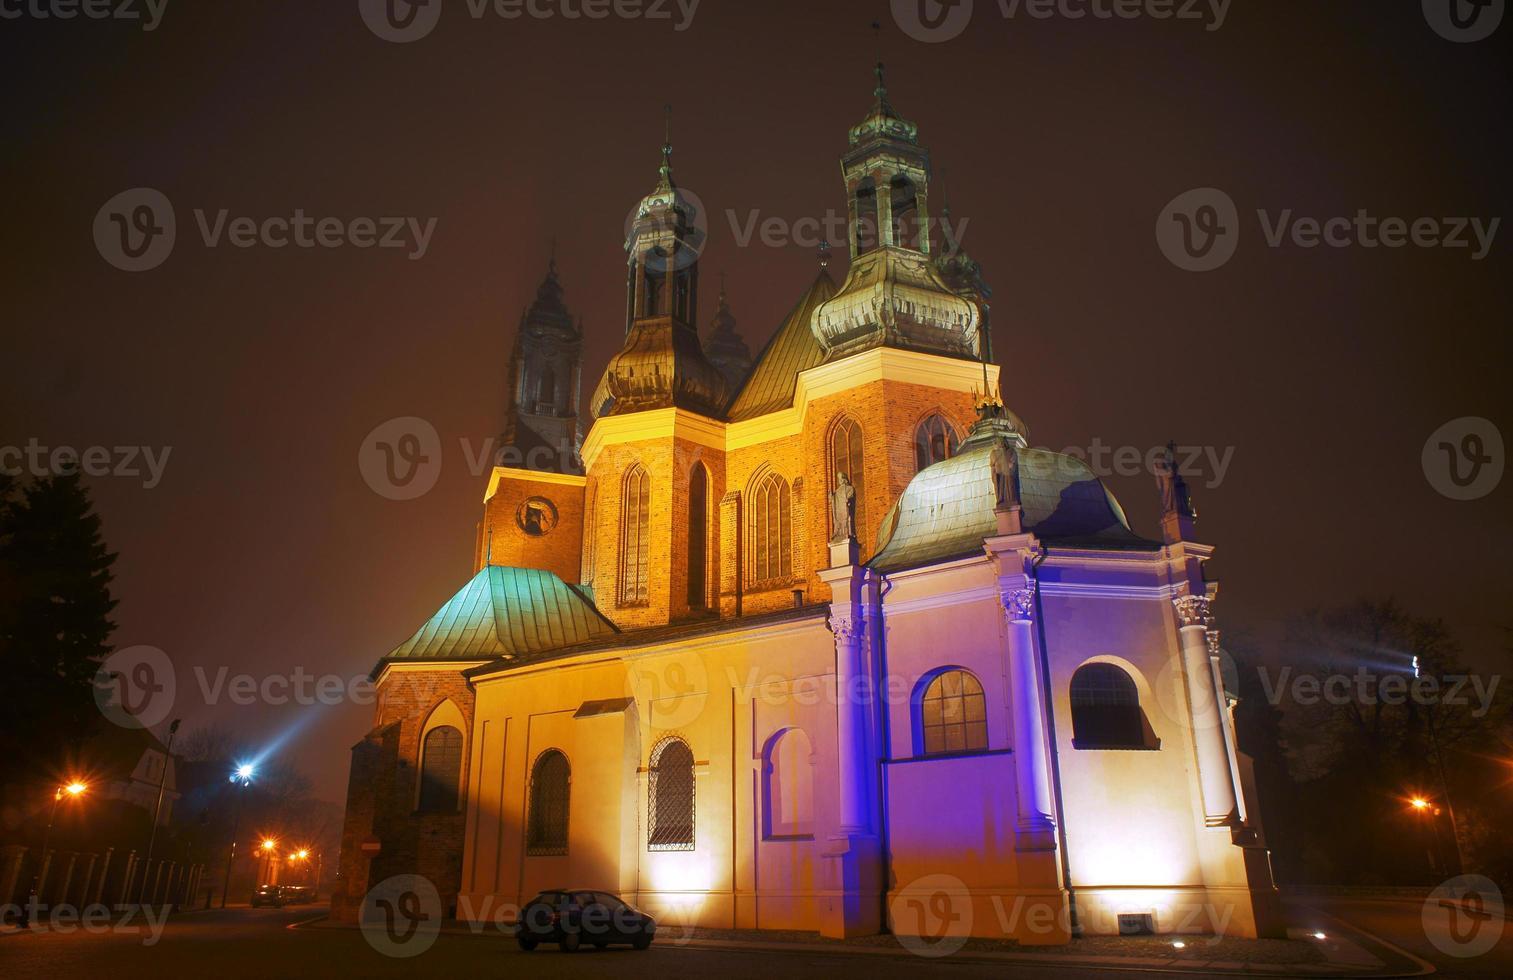 kathedraal kerk in mistige avond foto